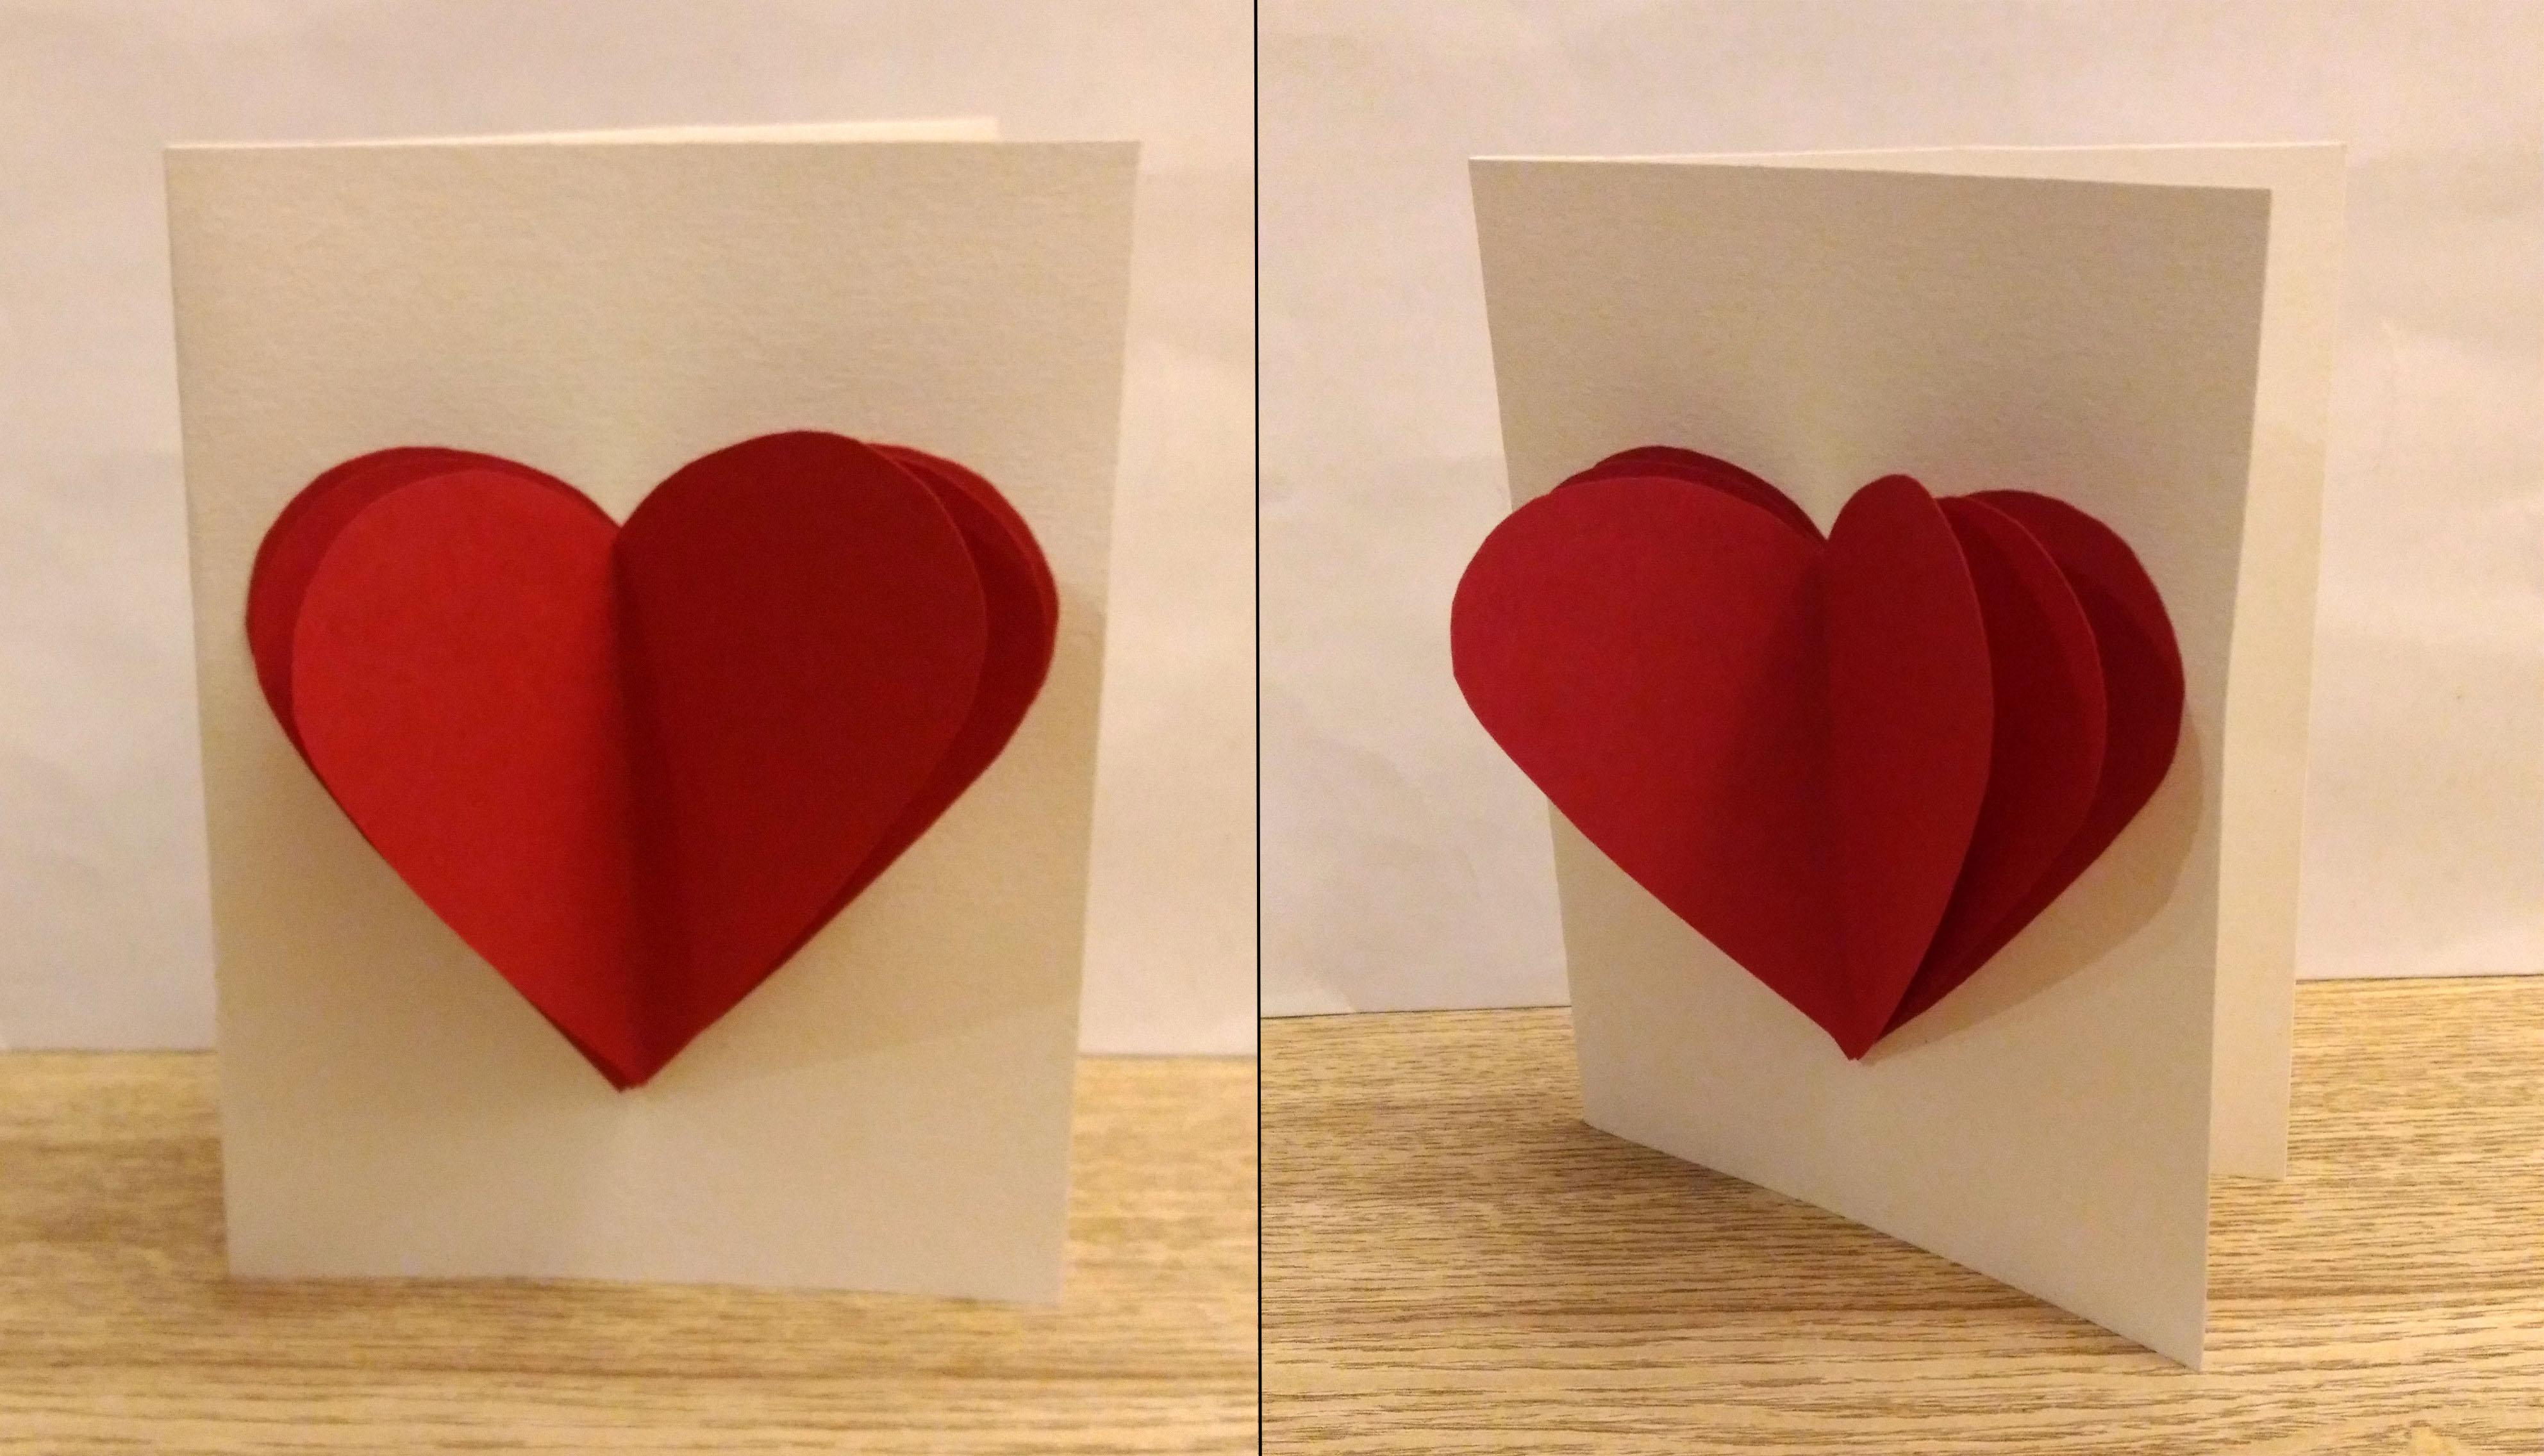 saint valentin deux cartes pour lui dire je t aime. Black Bedroom Furniture Sets. Home Design Ideas